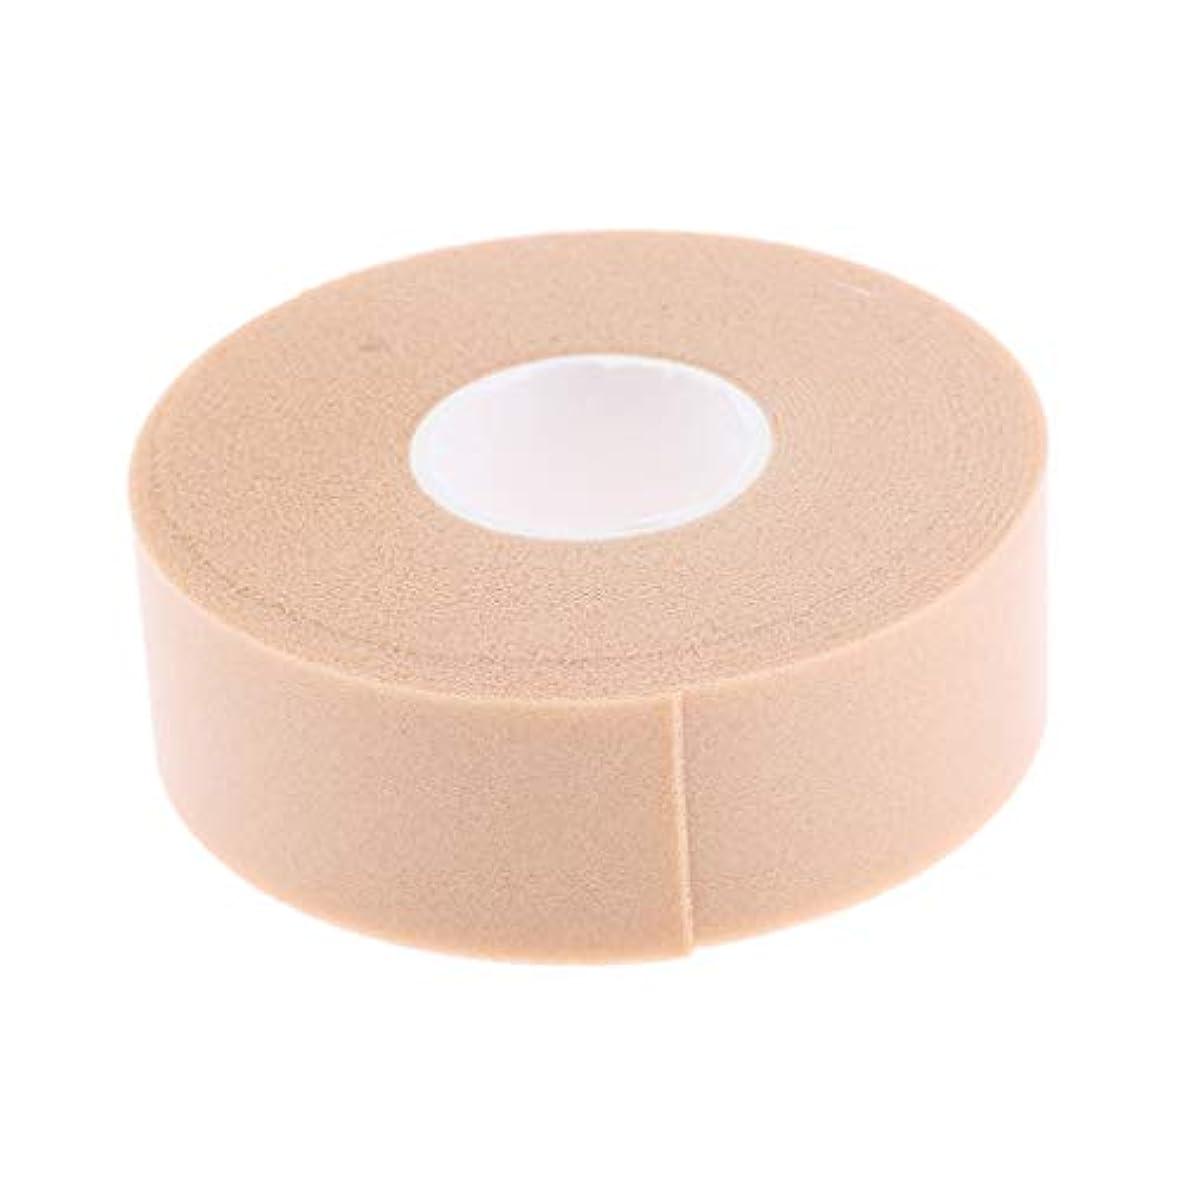 流用する卵船形Hellery 自己接着まめのパッドの包帯の防止パッチの保護テープ2.5m